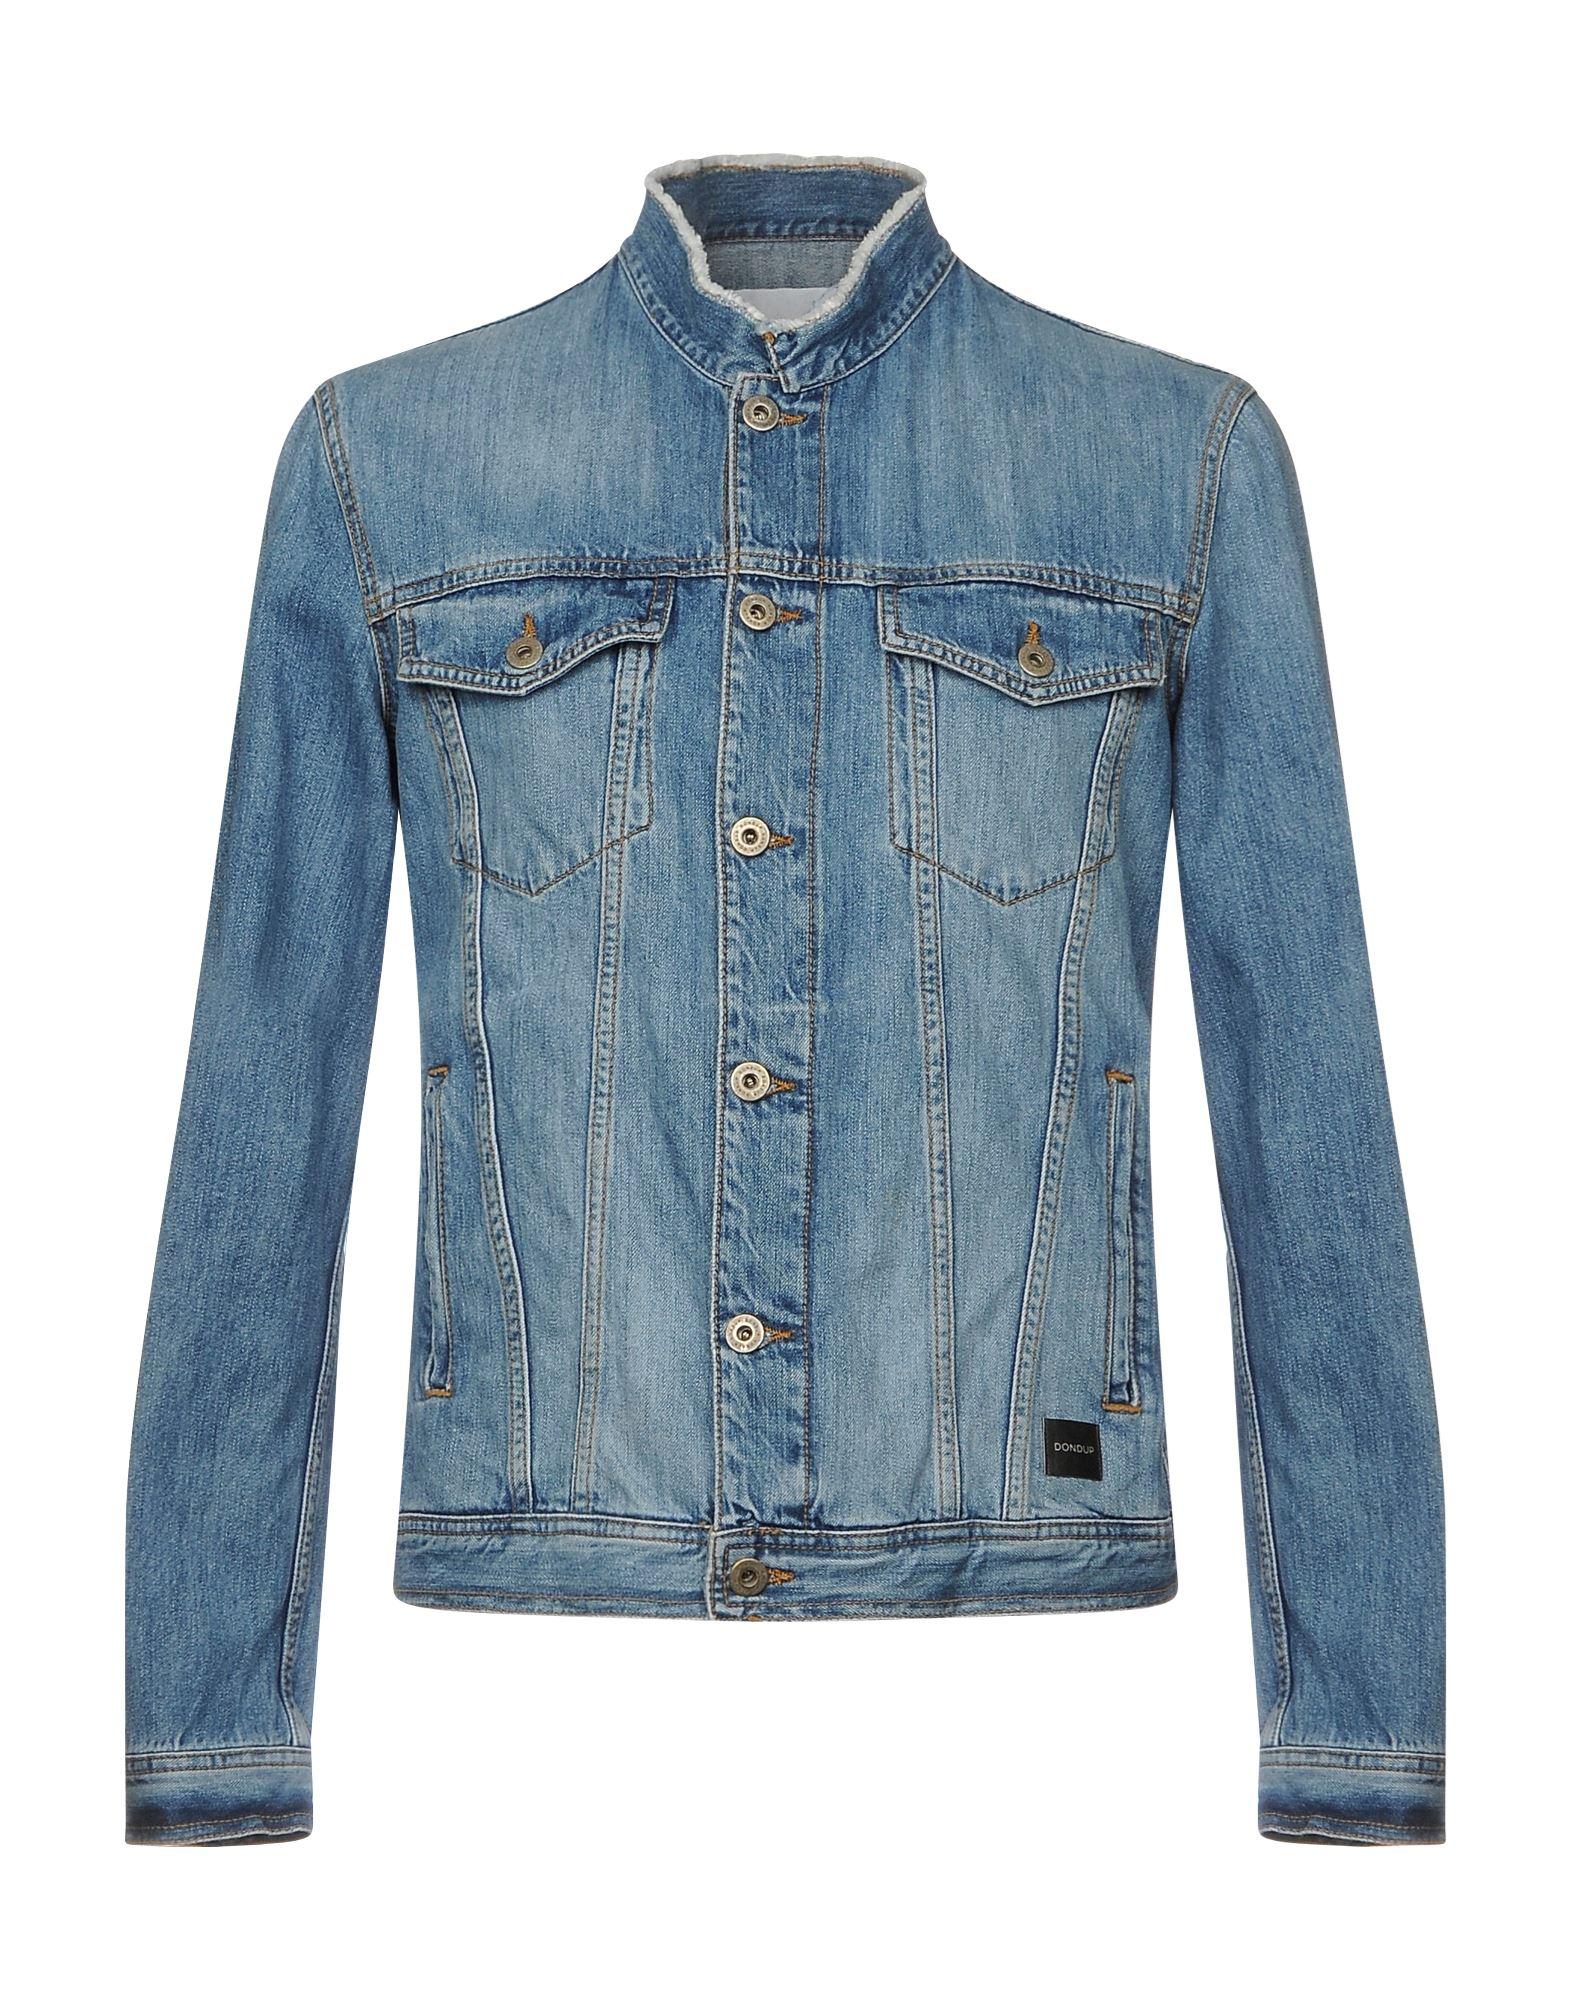 ФОТО dondup джинсовая верхняя одежда